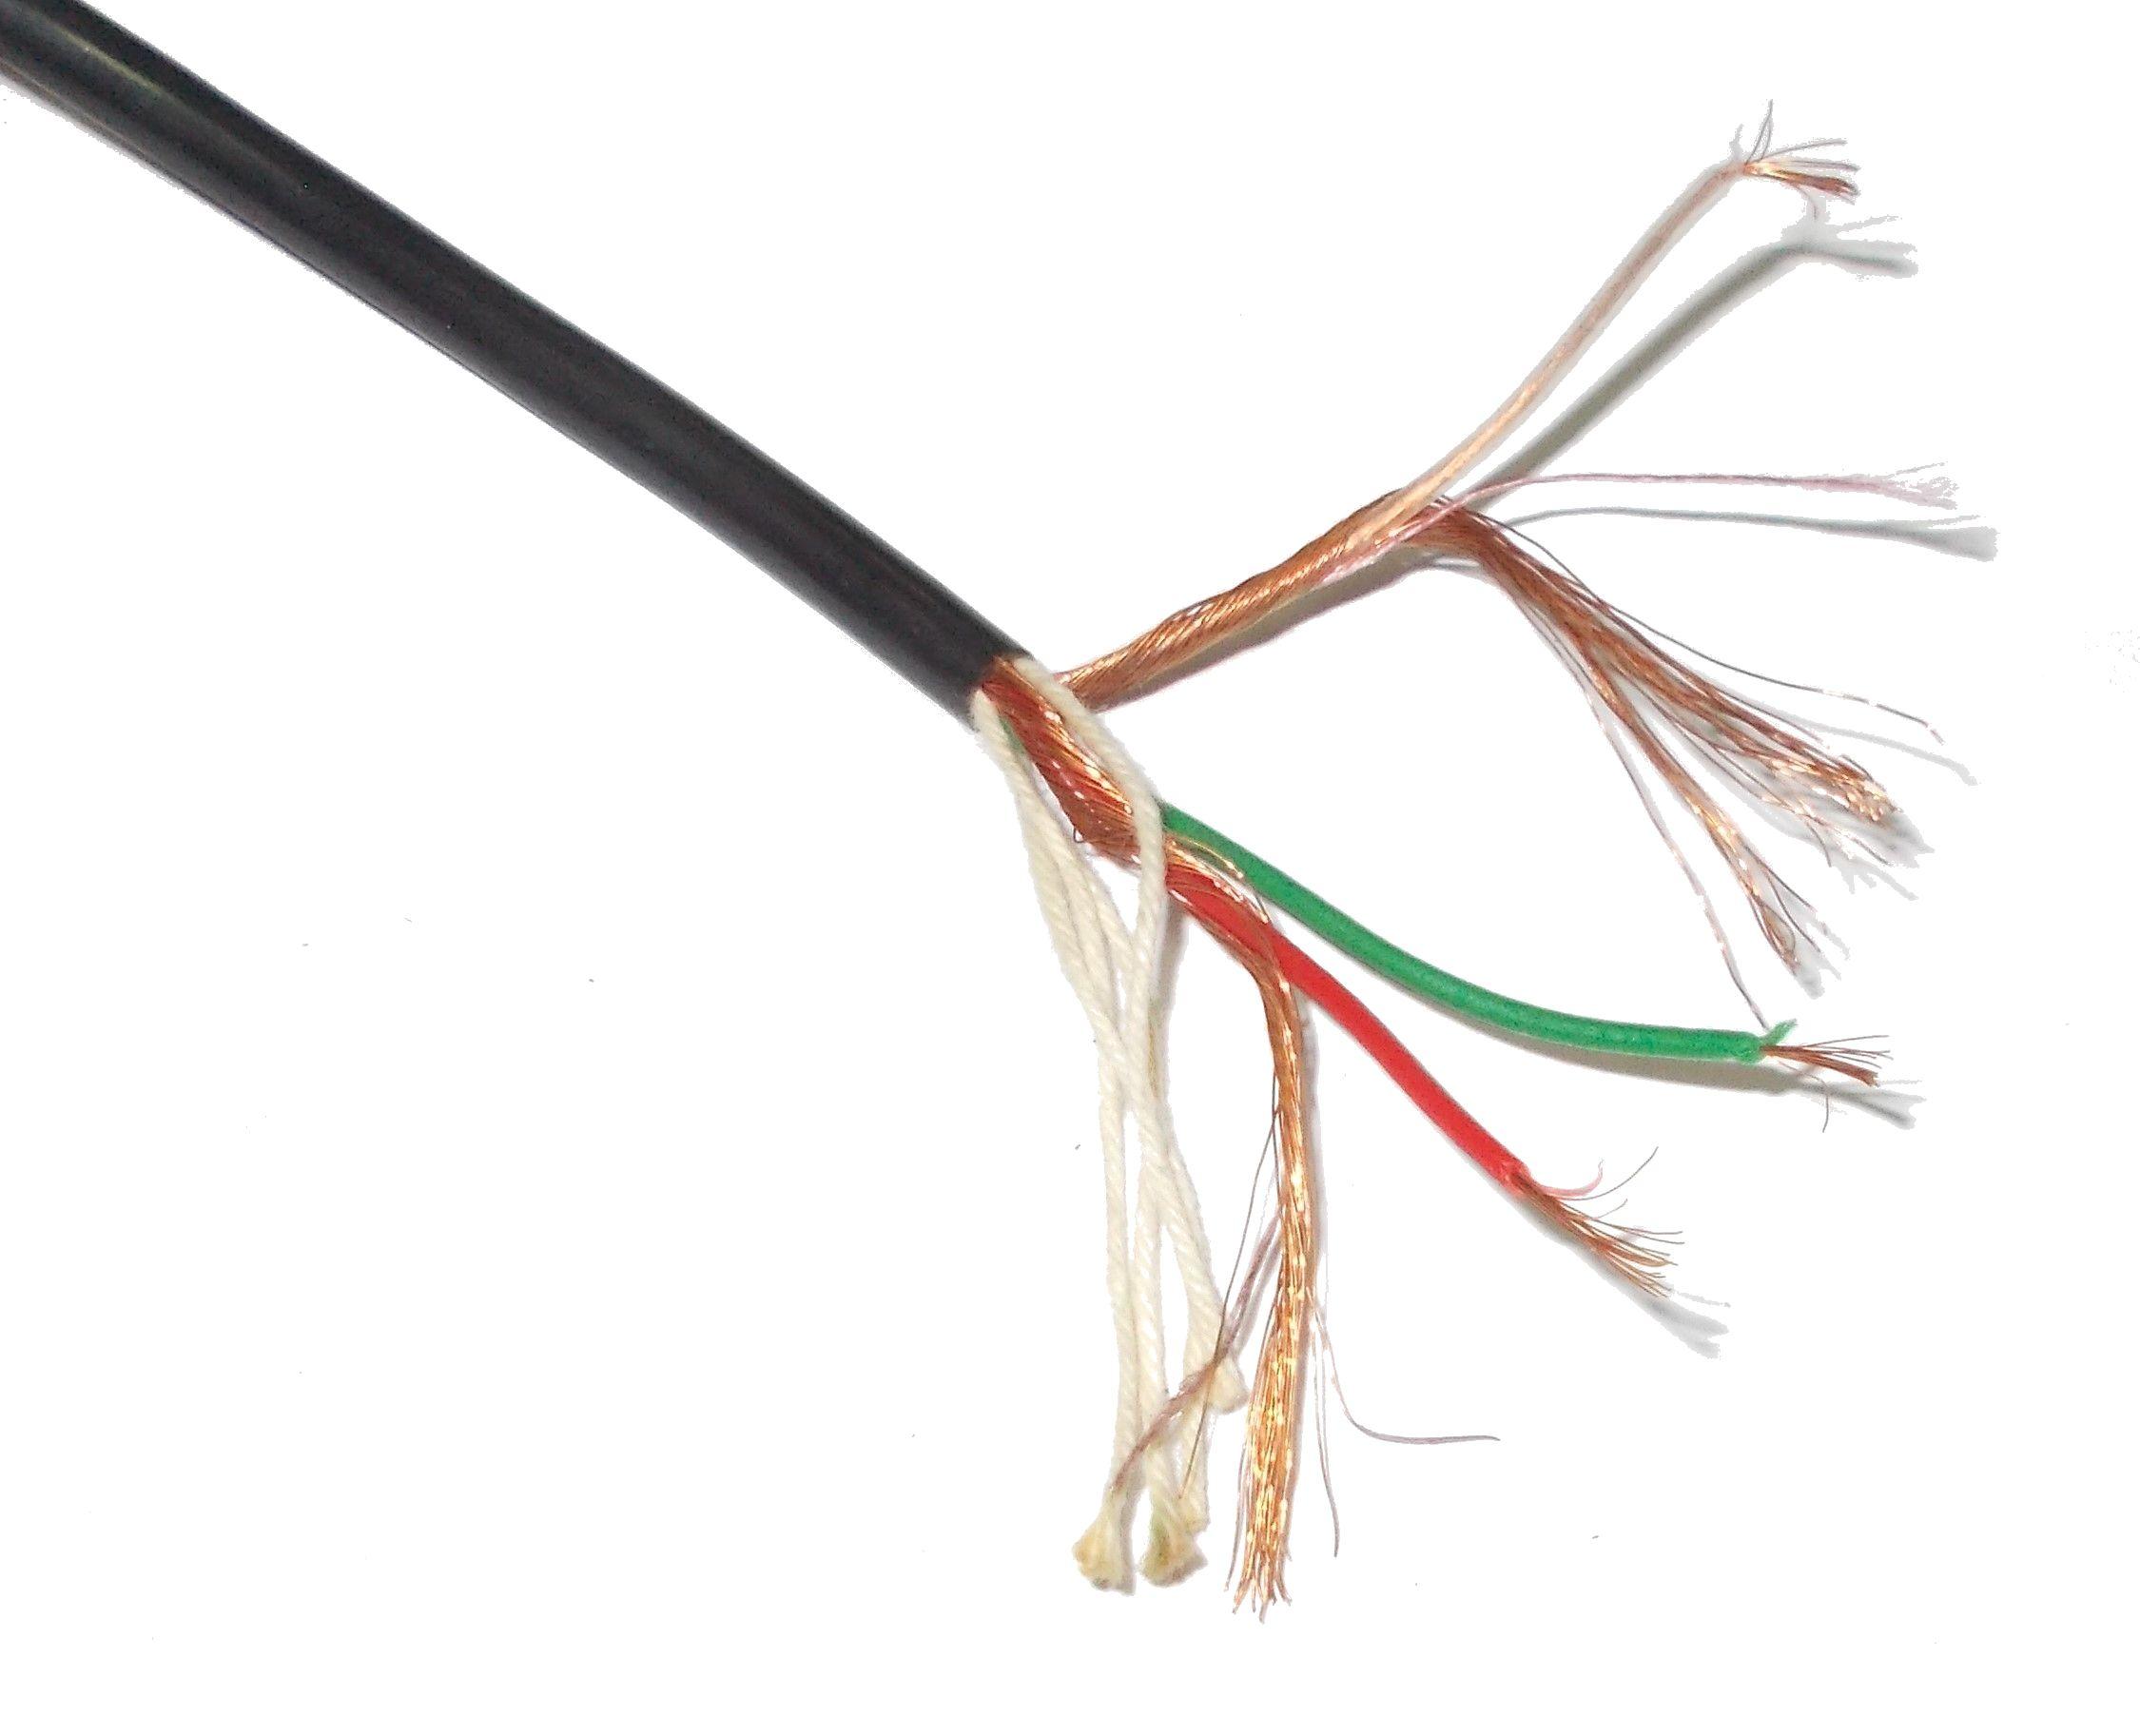 Przewód Kabel z Wojska YPMx ekr 3x0,15mm2 11,3m